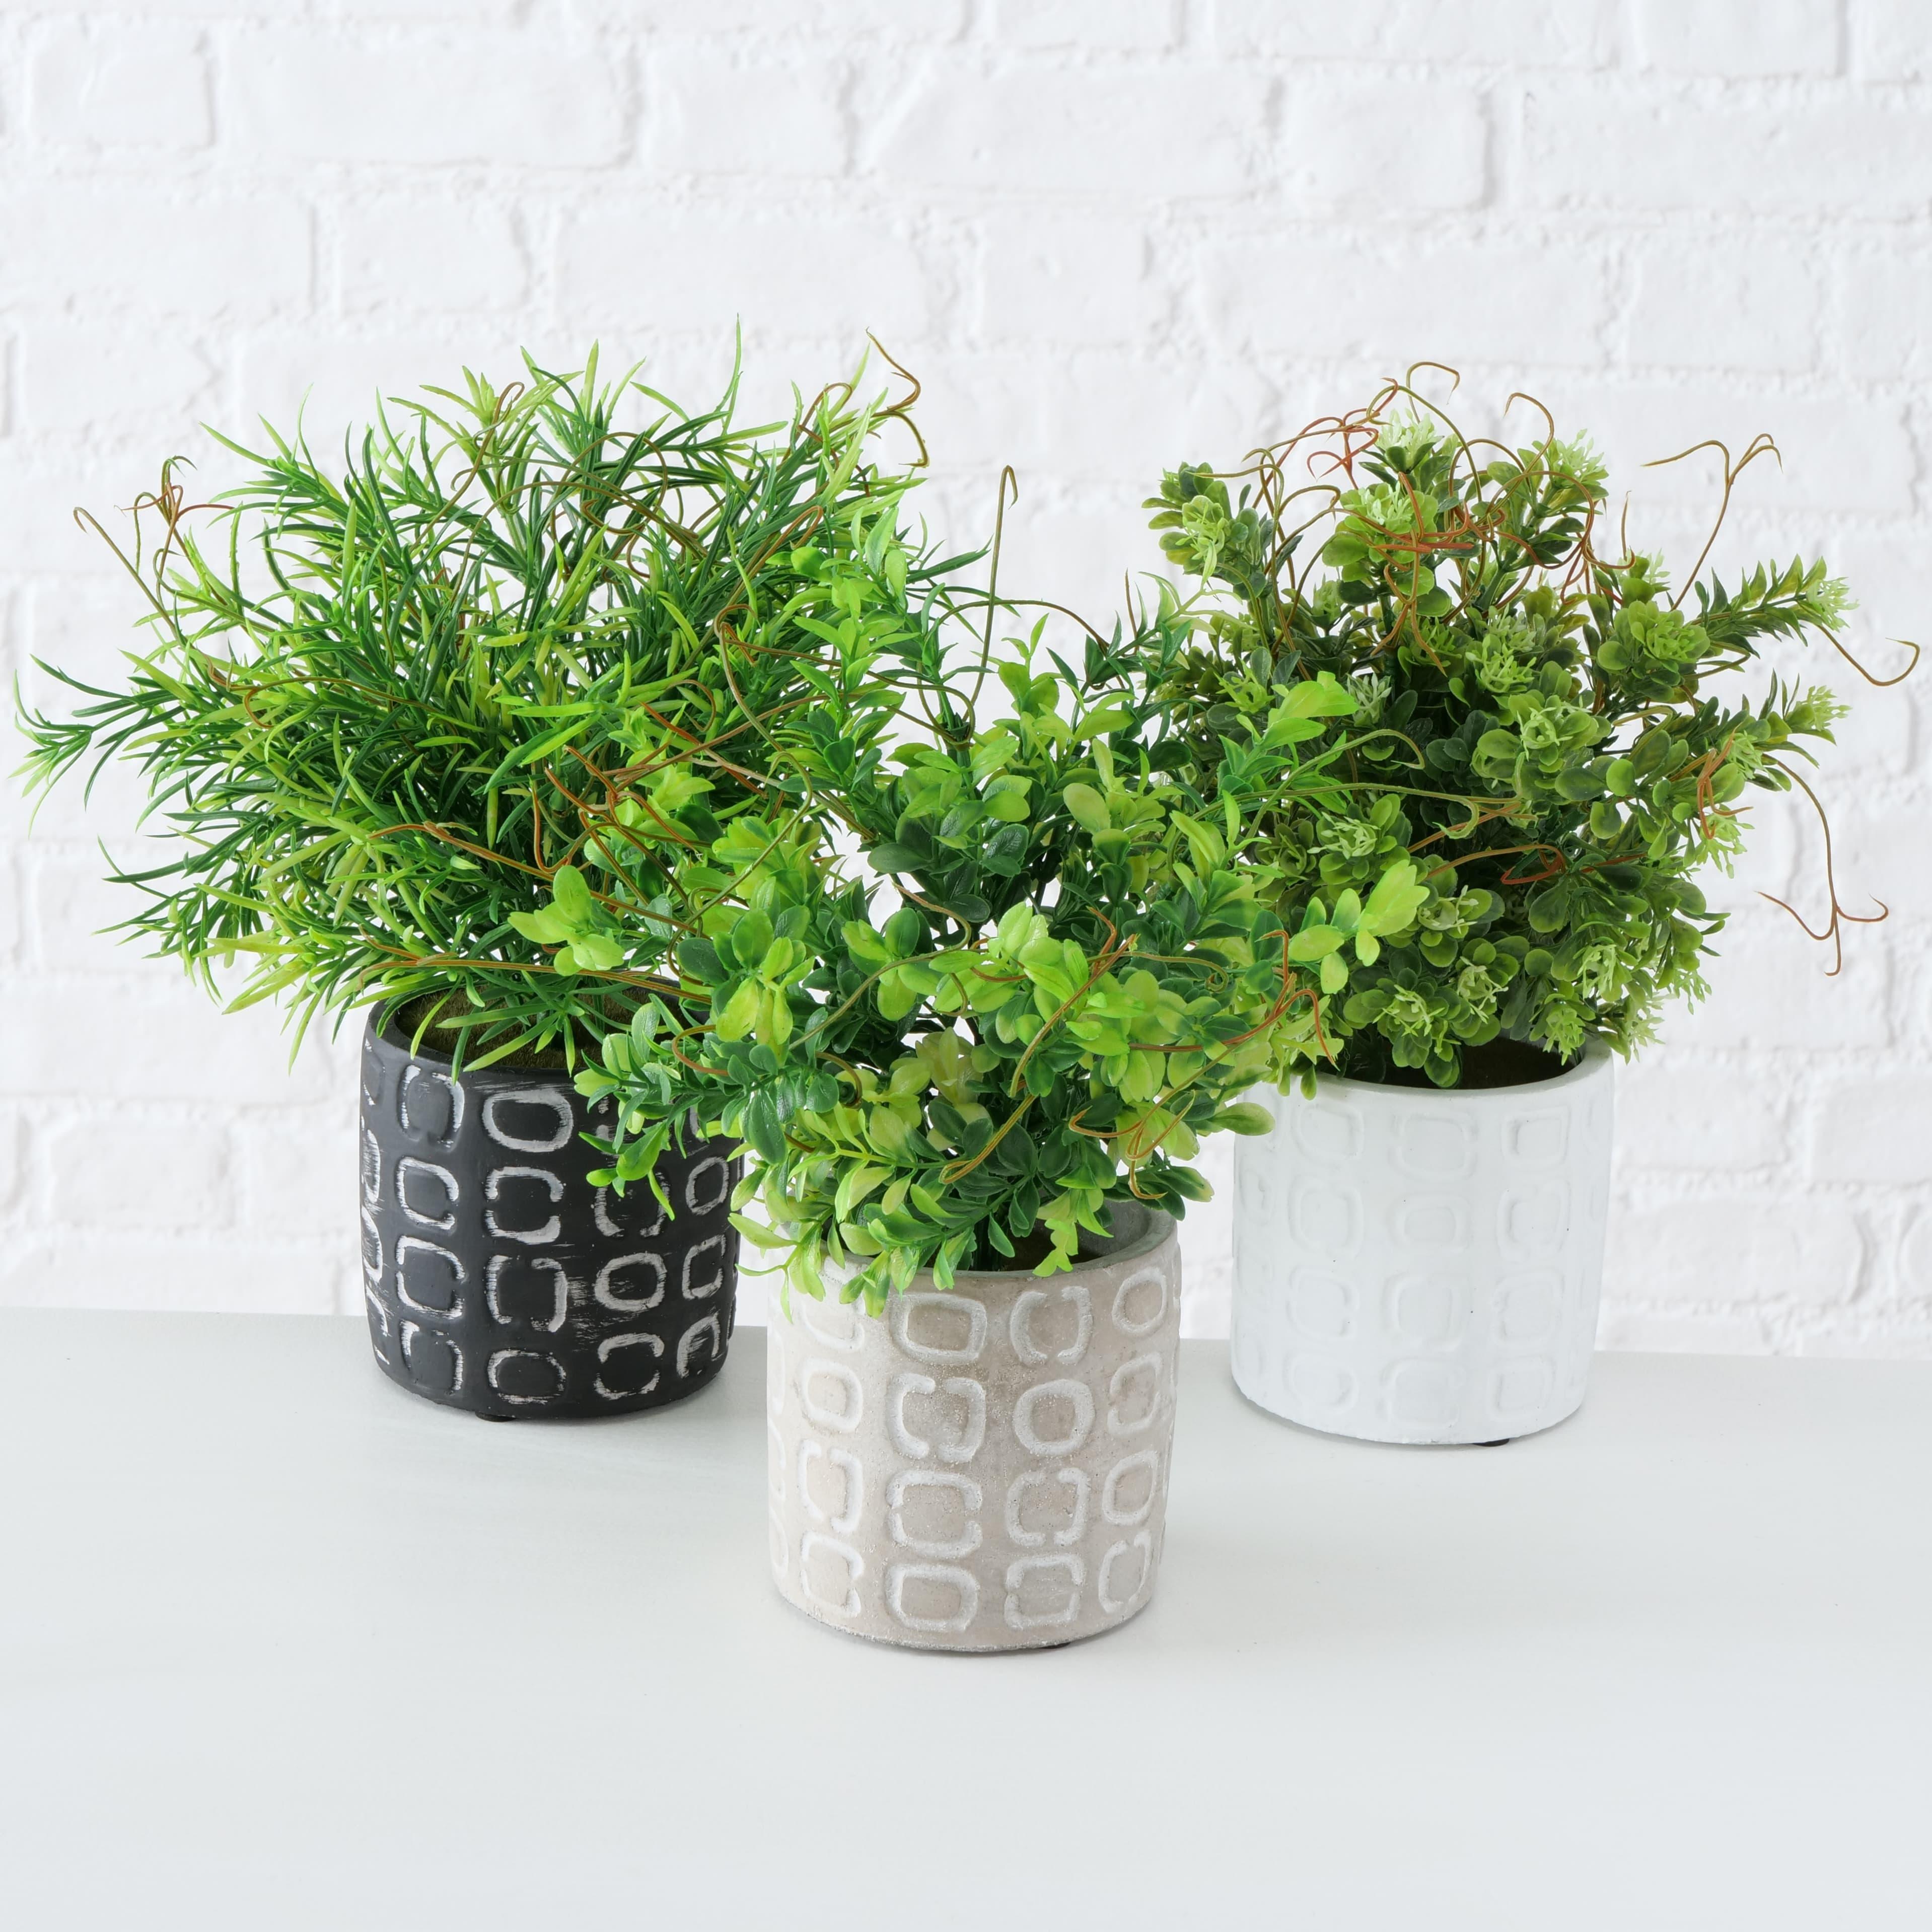 Planta artificiala in ghiveci Boxwood Multicolor, Modele Asortate, H29 cm